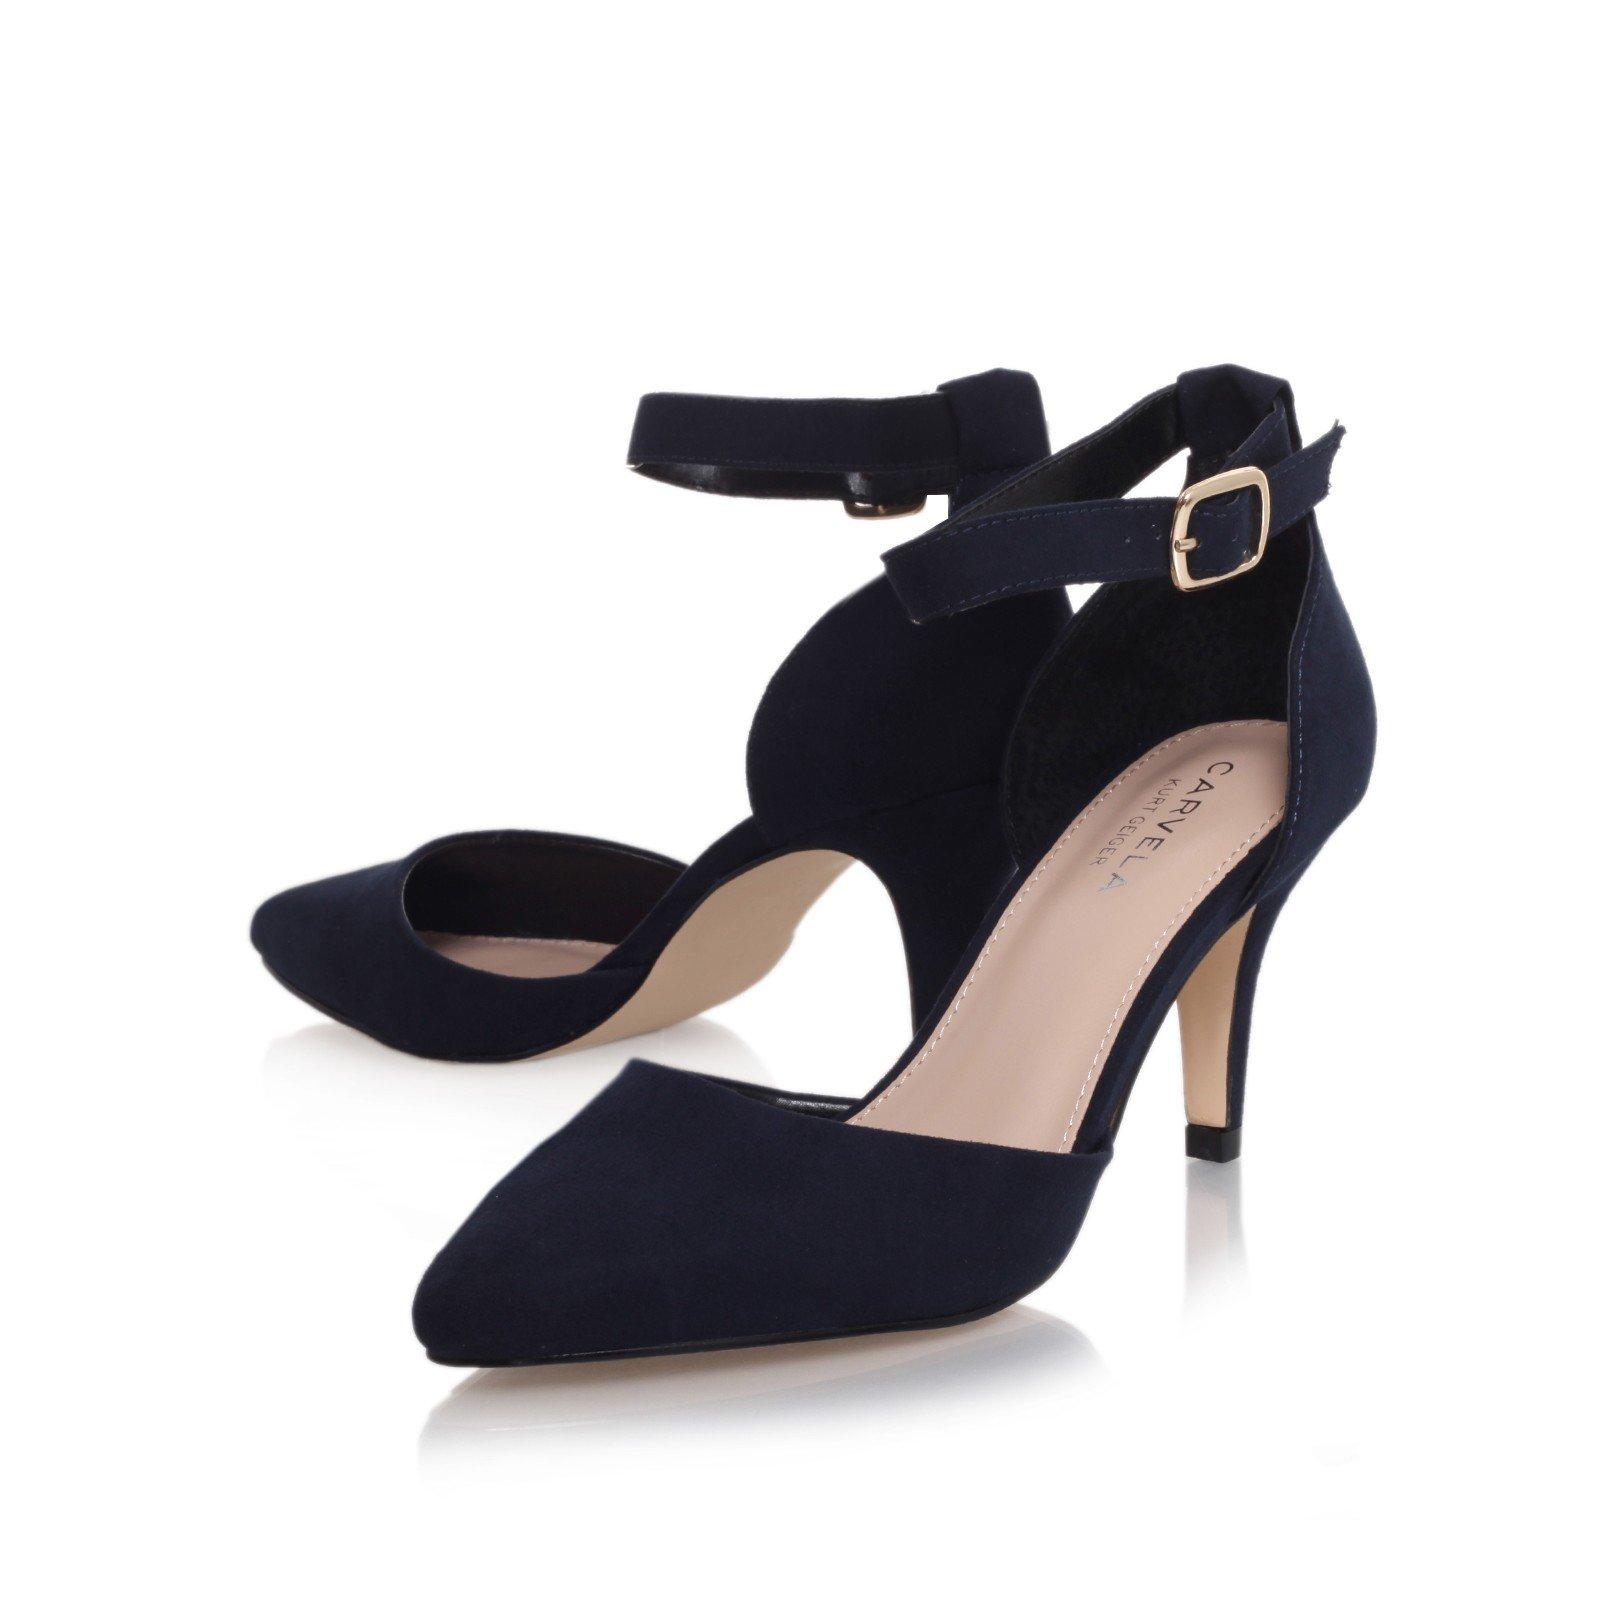 Carvela black strap heels size 41 - 1 part 6